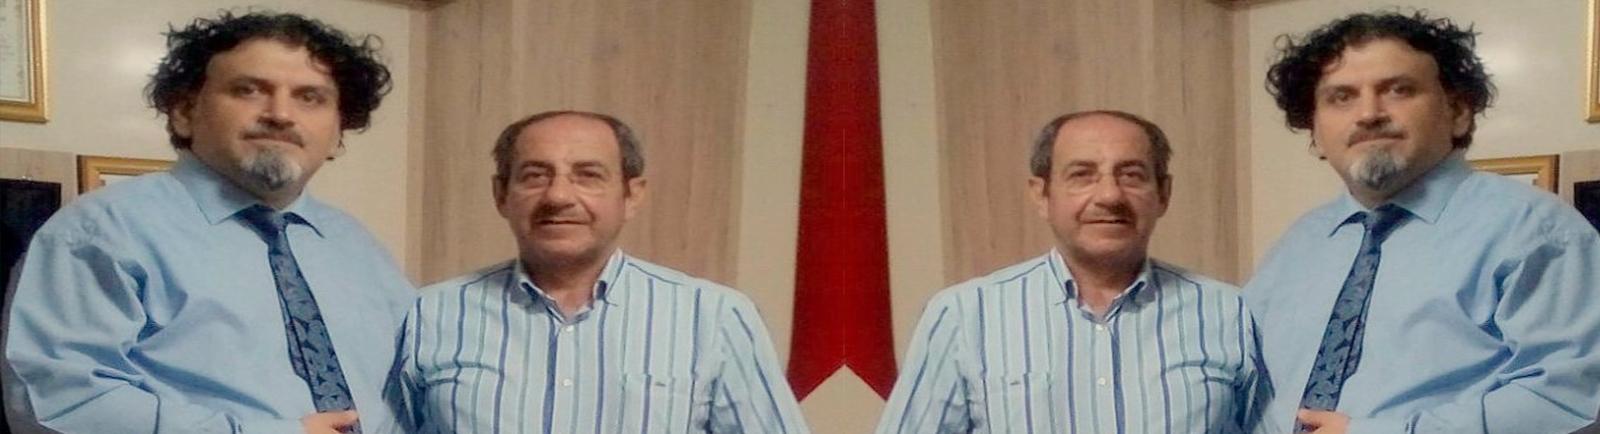 Abdullah Gül'ün Başdanışmanı Bahattin Cebeci Ziyareti